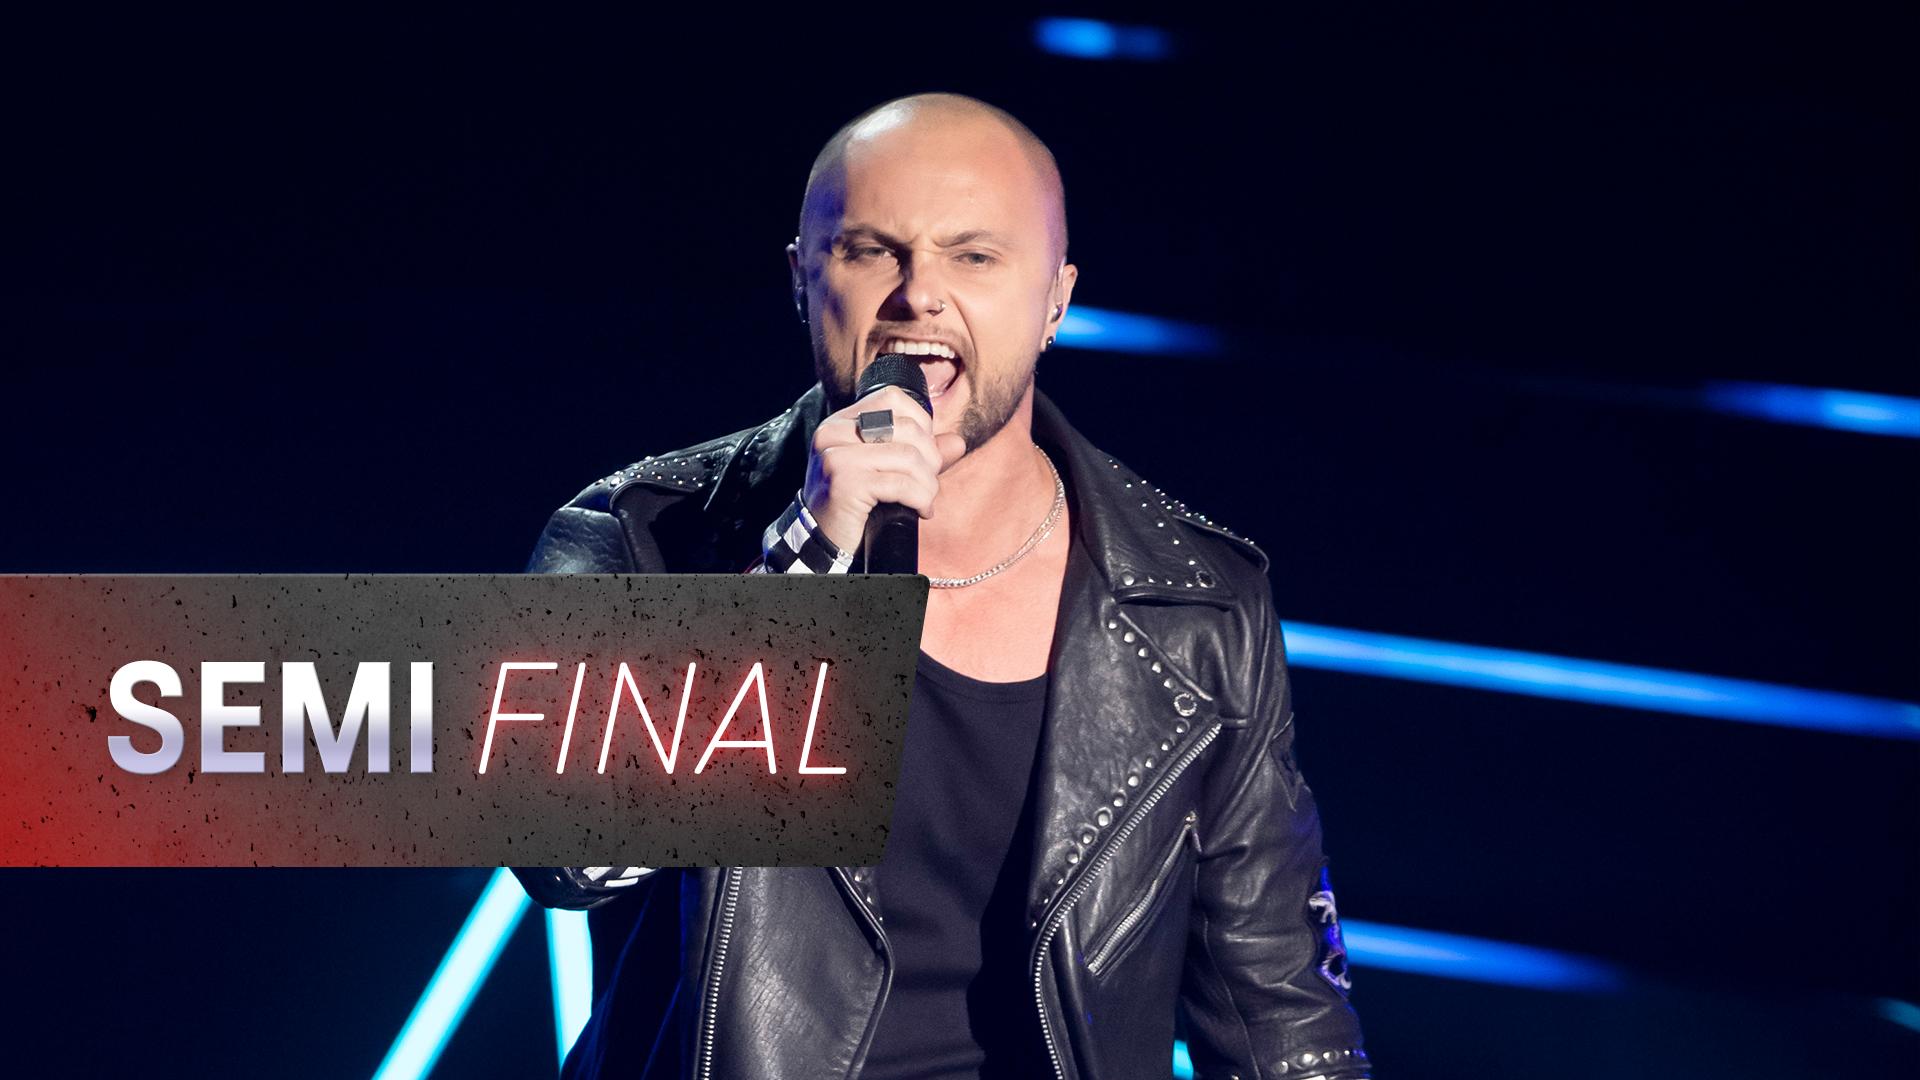 Semi Final: Mark Furze 'Youngblood'